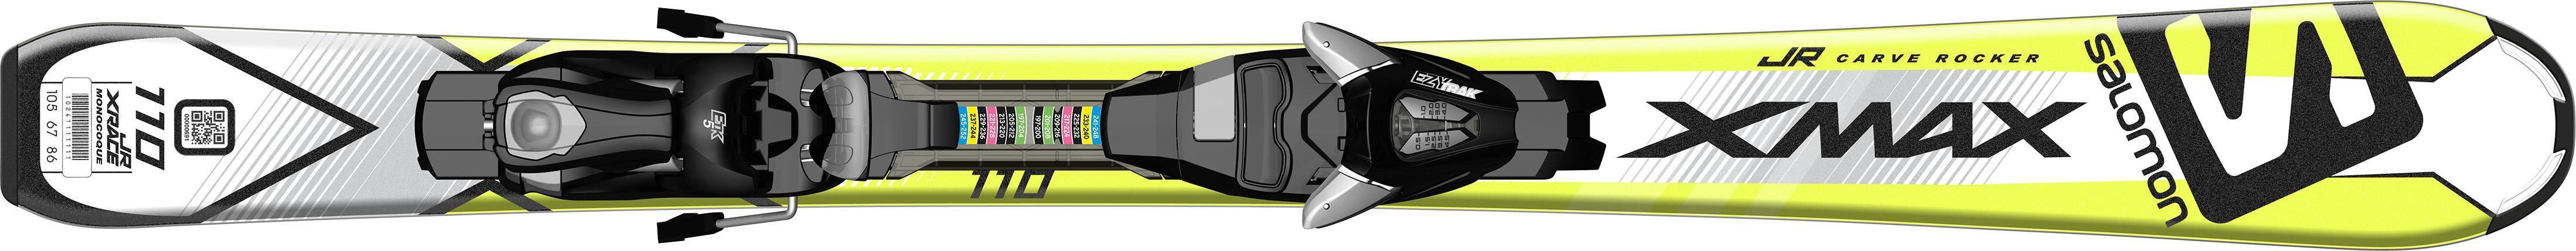 X-MAX JR S